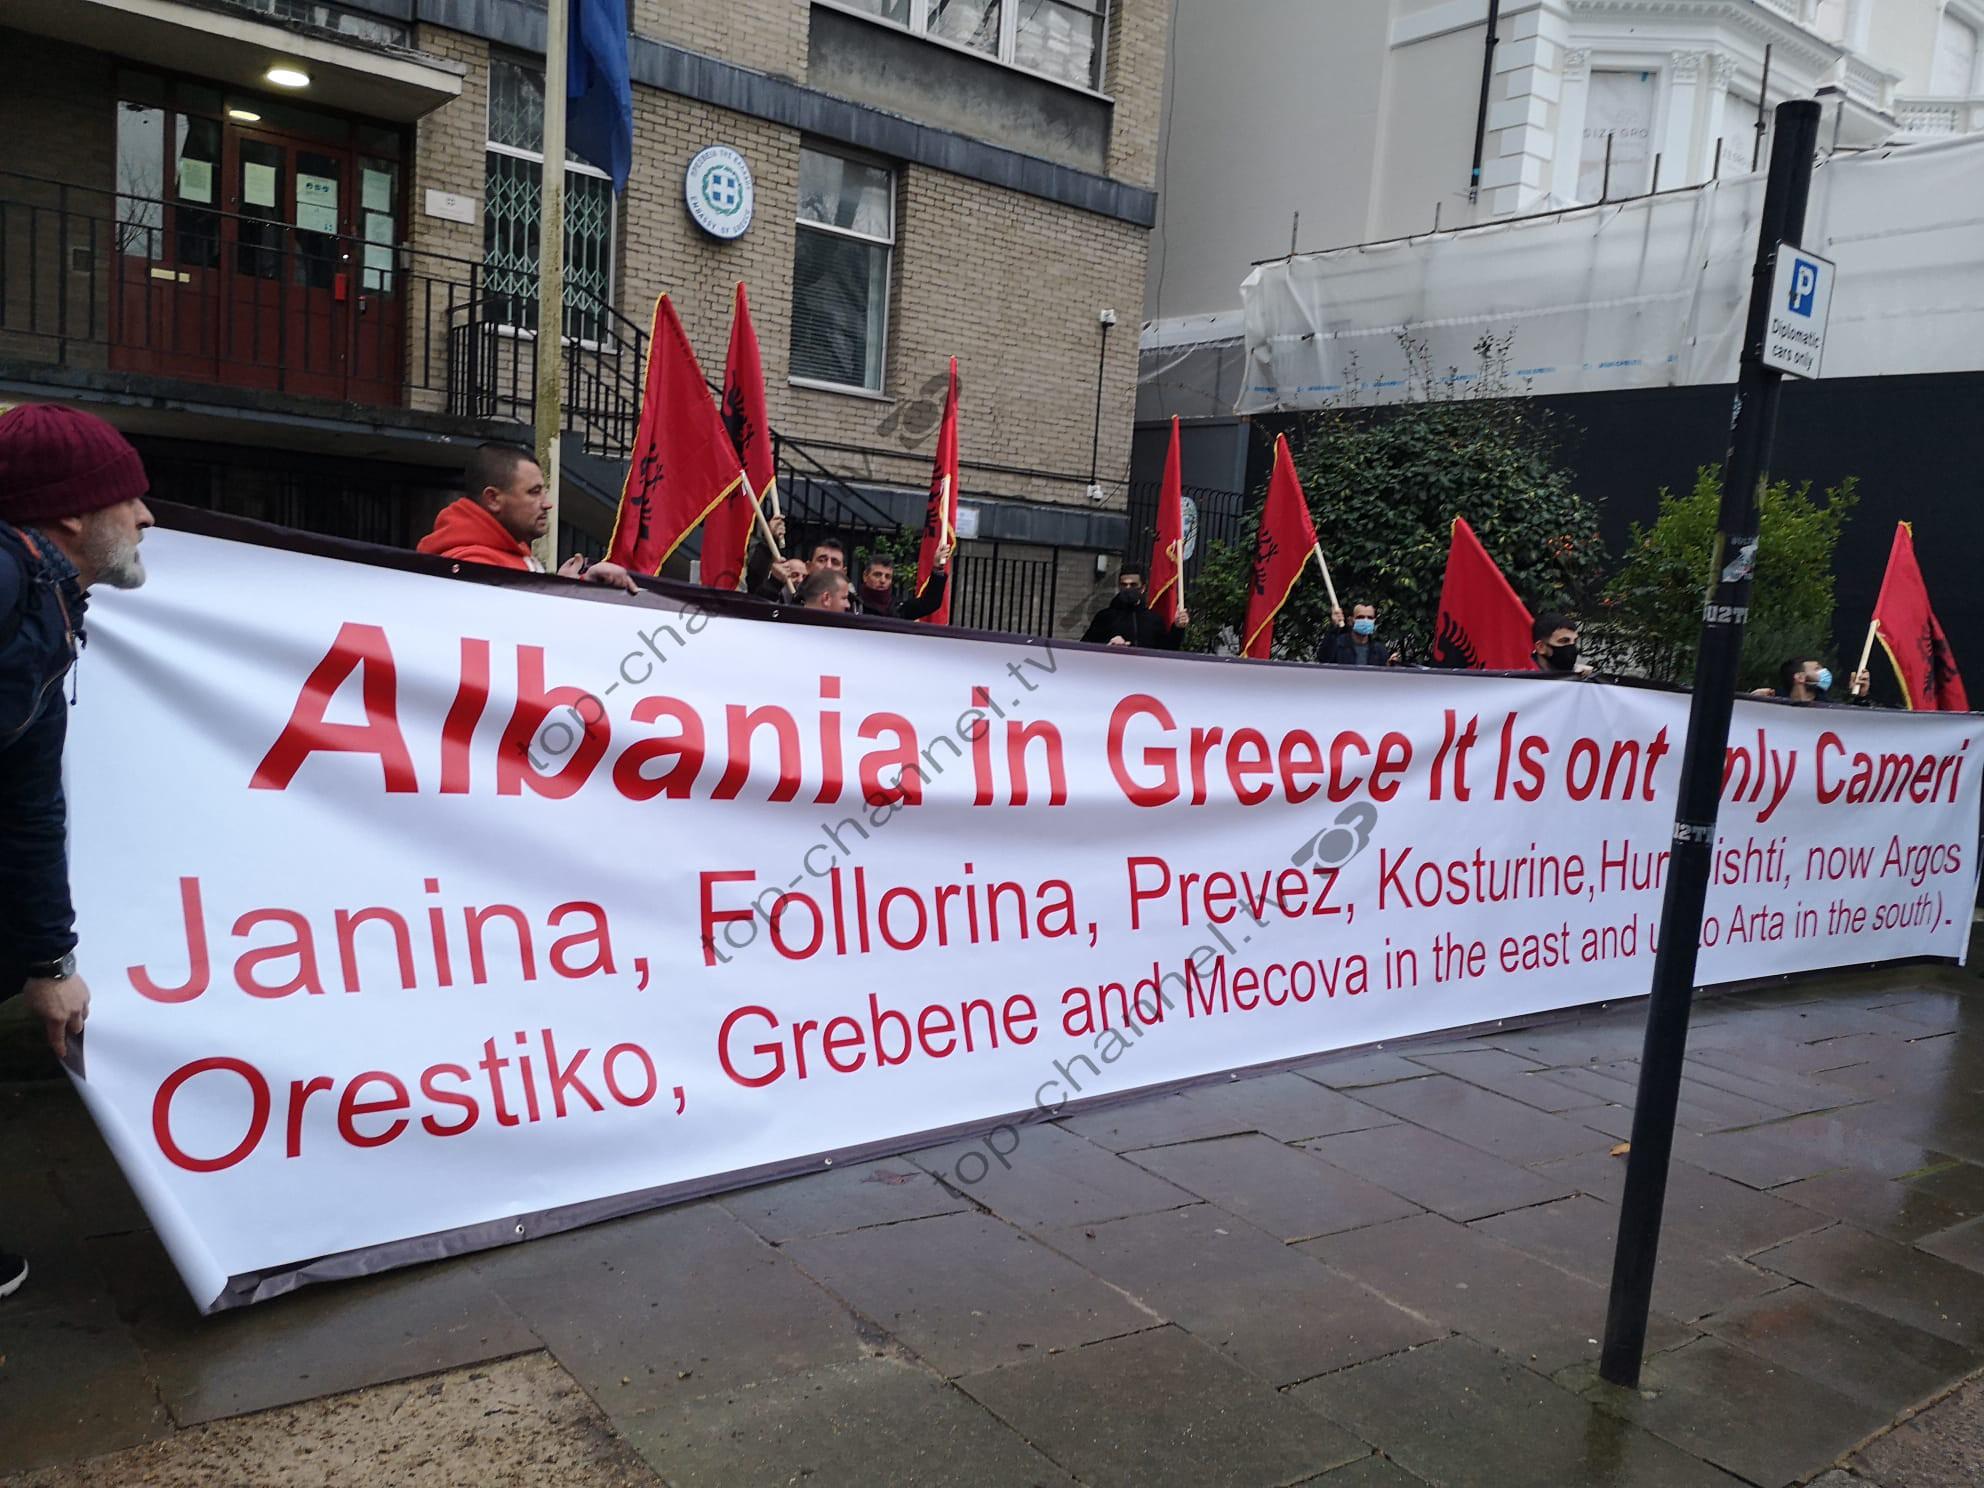 Protestë para ambasadës greke në Londër: Shqipëria në Greqi, nuk është vetëm Çamëria! Të ngremë zërin ndaj padrejtësive